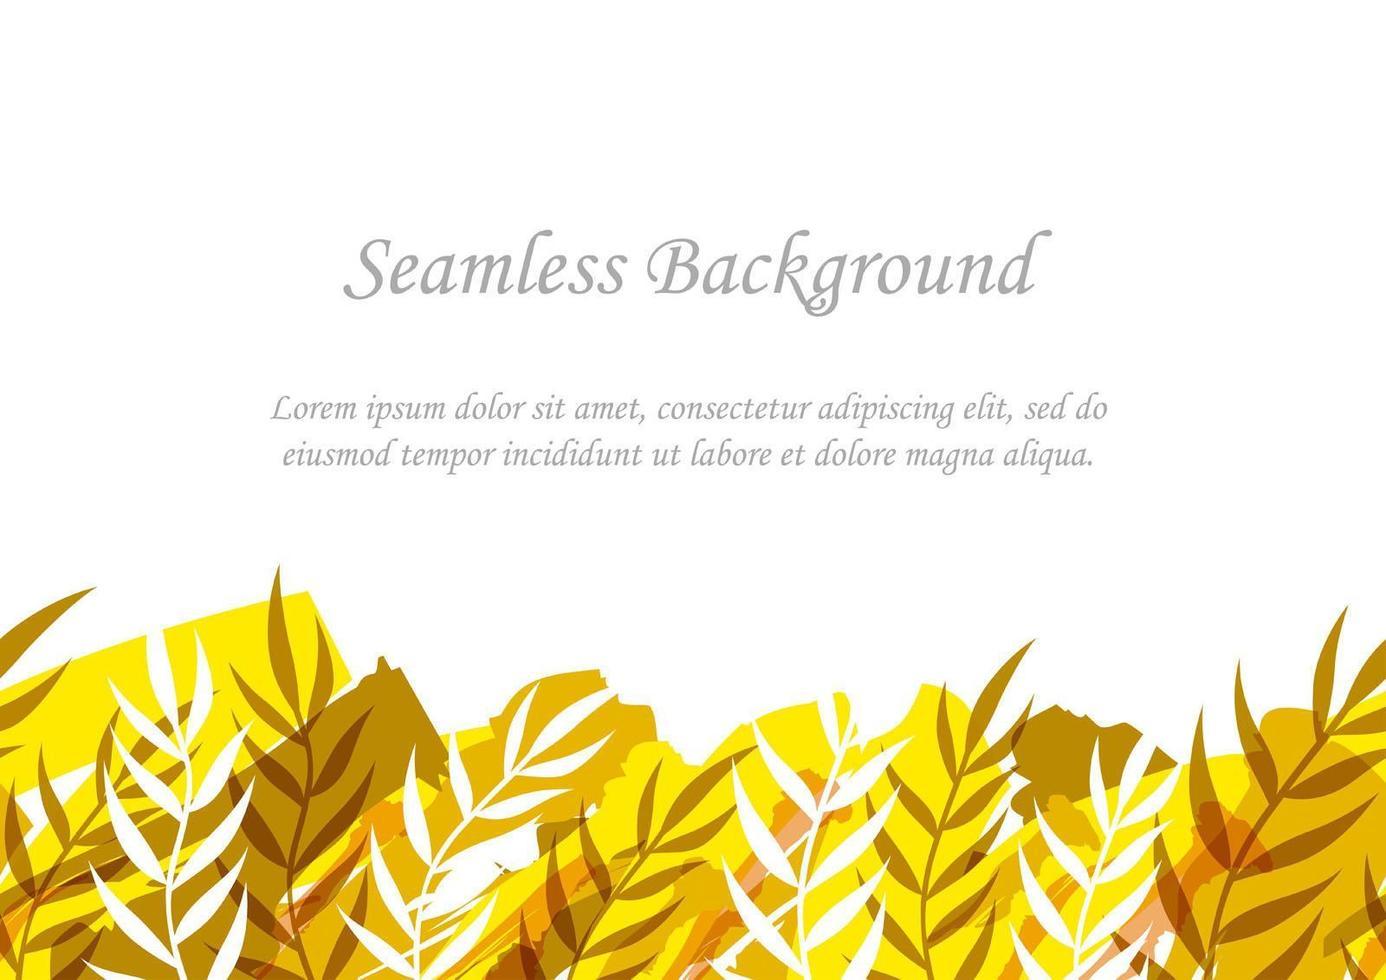 fond botanique jaune et brun sans couture avec espace de texte vecteur